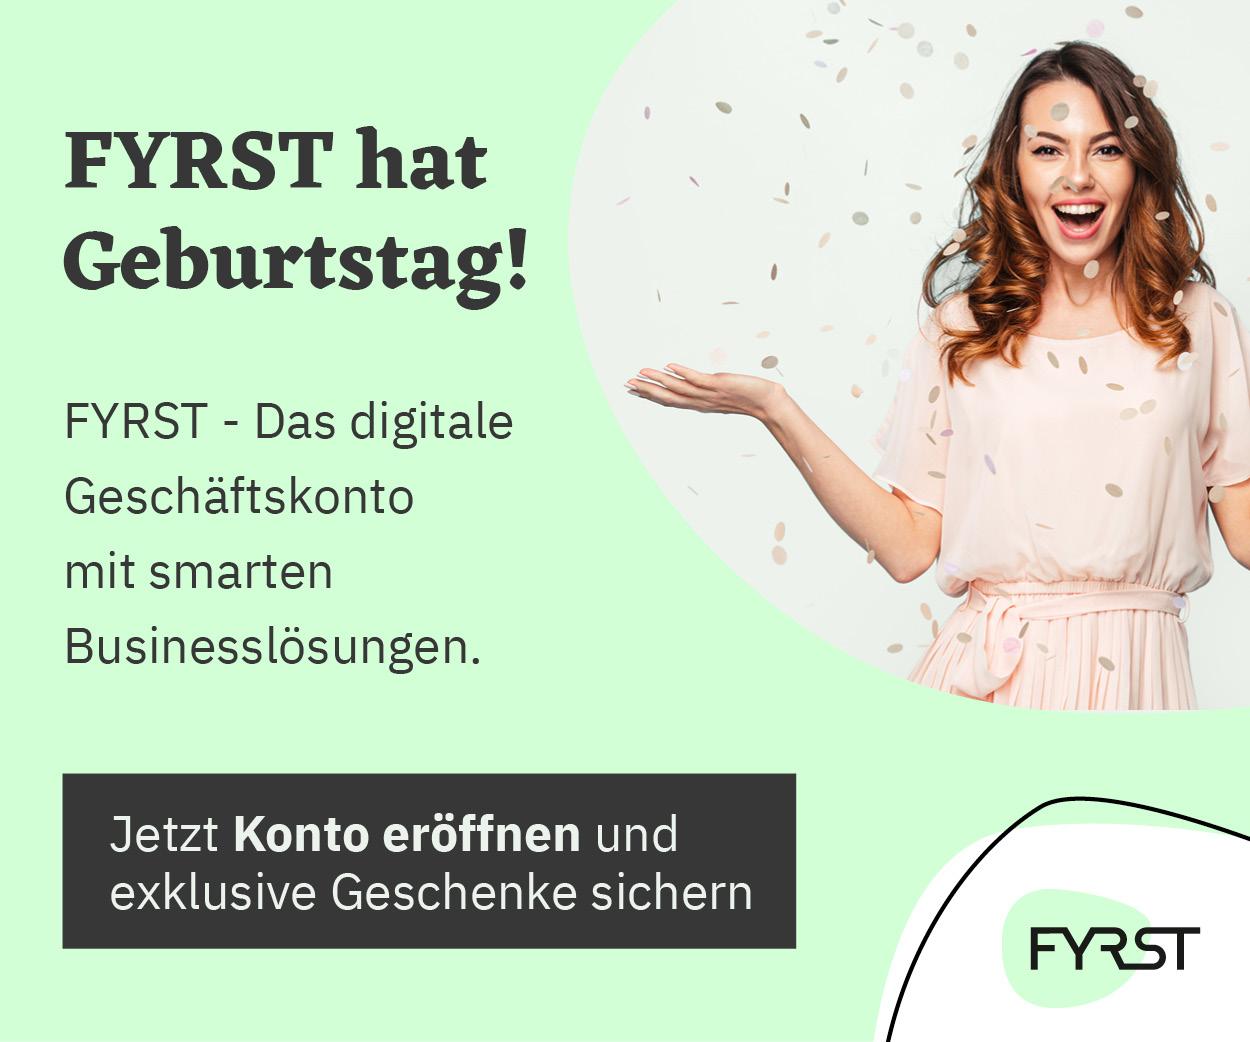 Fyrst - Das digitale Geschäftskonto für Gründer und Freelancer